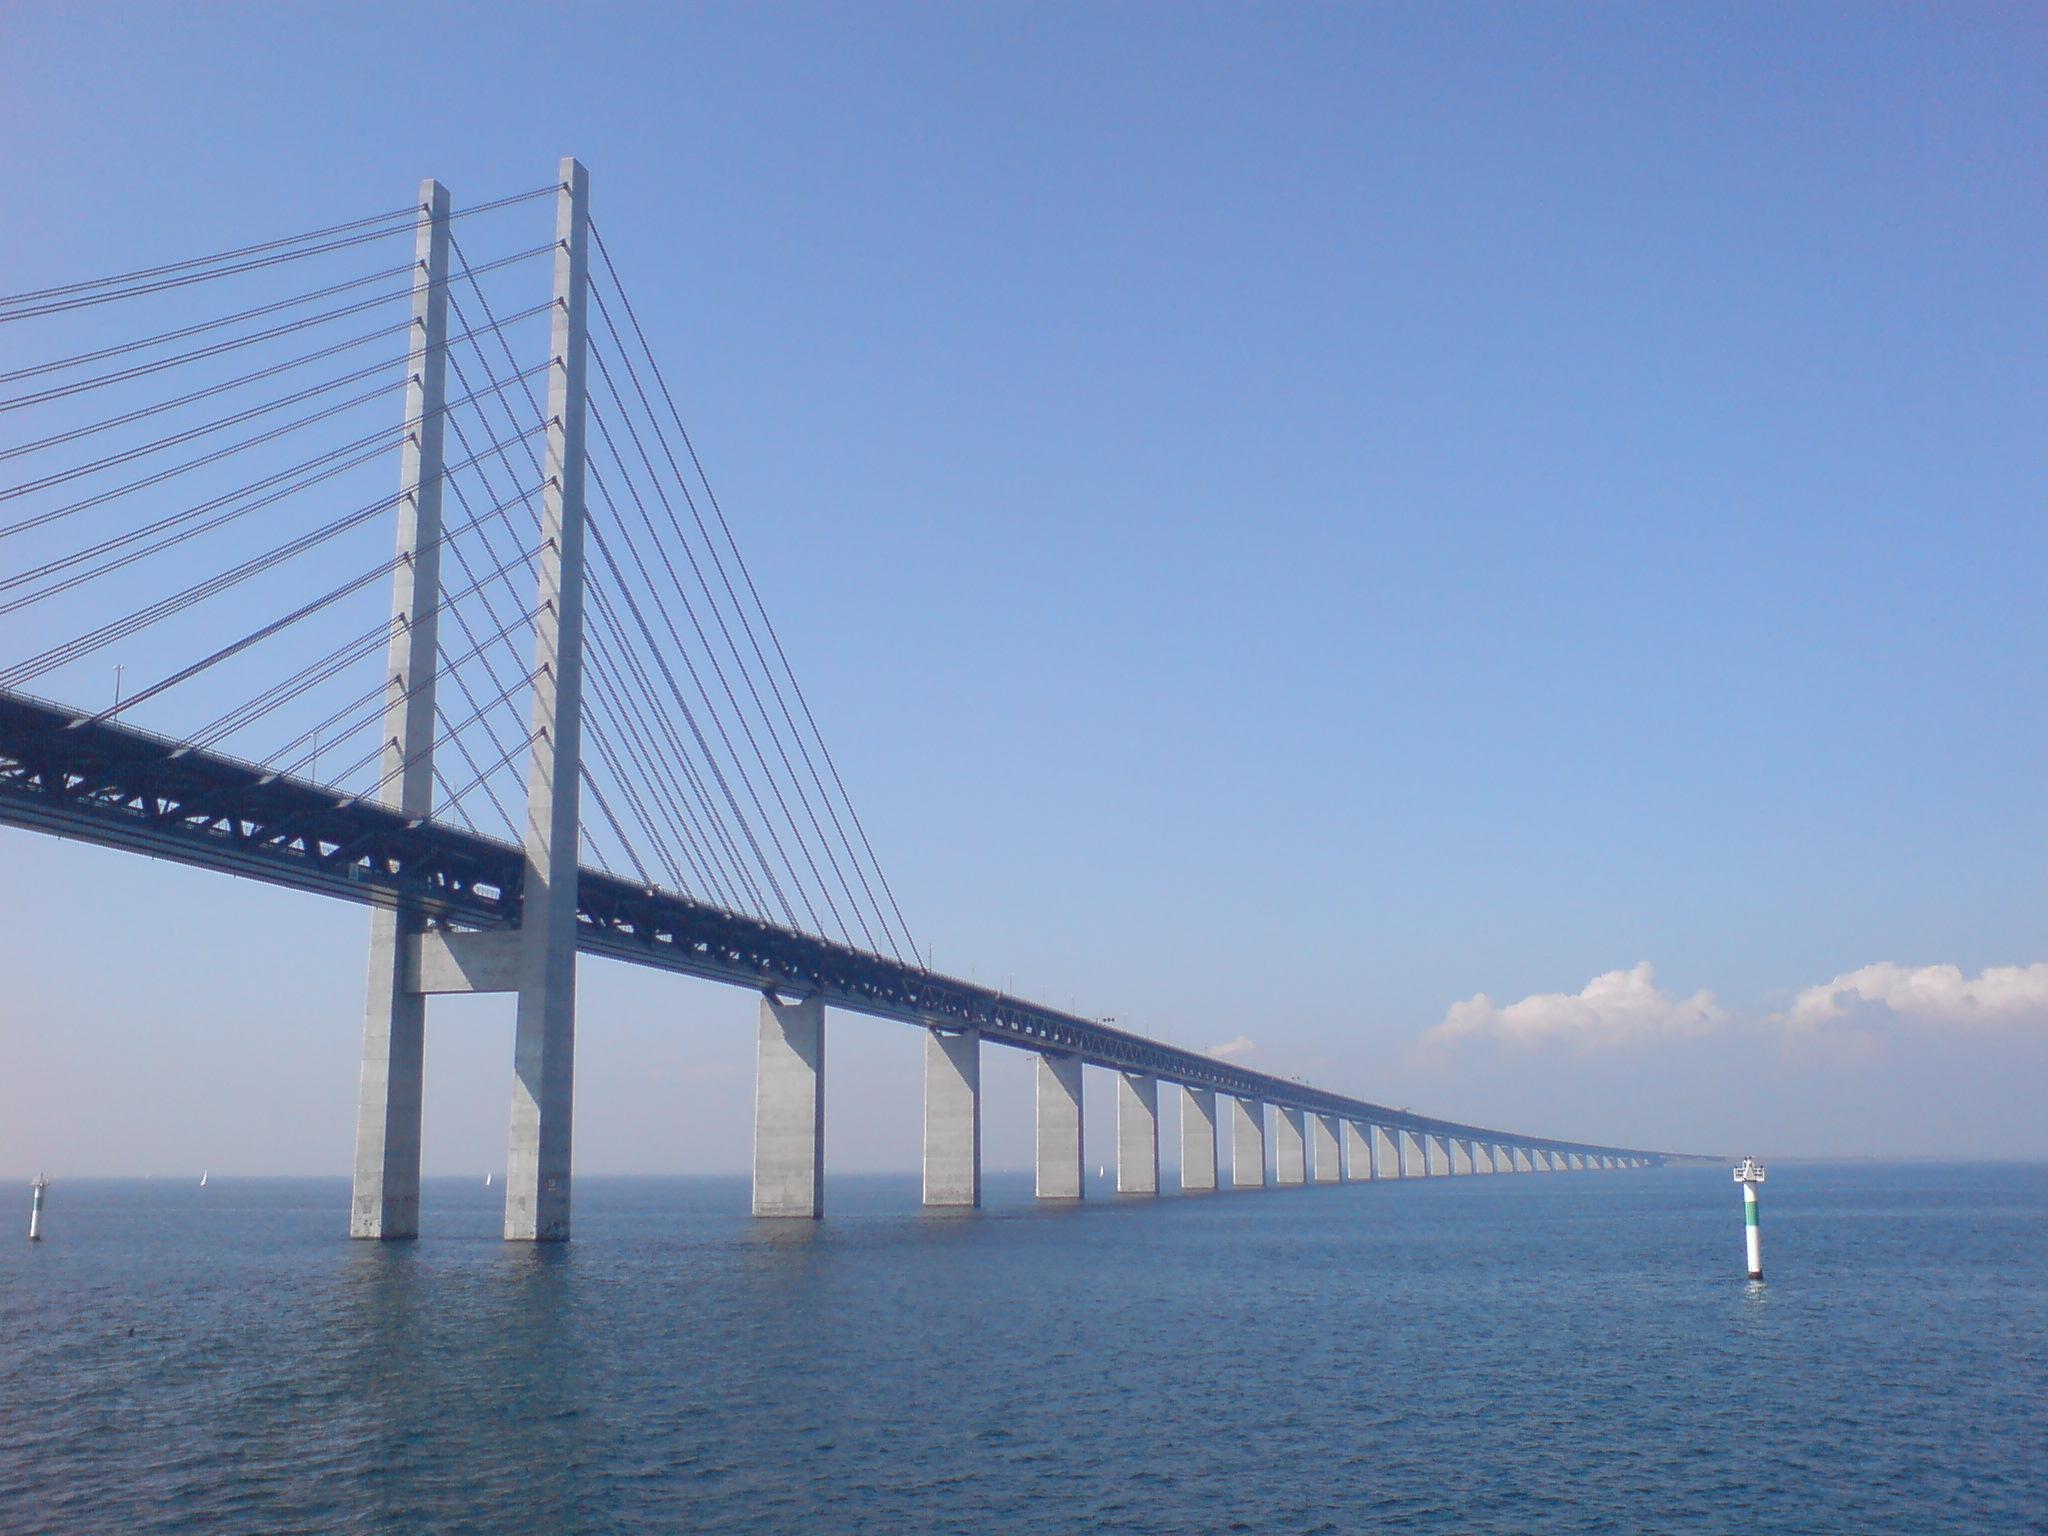 Crisis van de EU. Grenzen tussen Zweden en Denemarken dicht, het einde van Schengen?